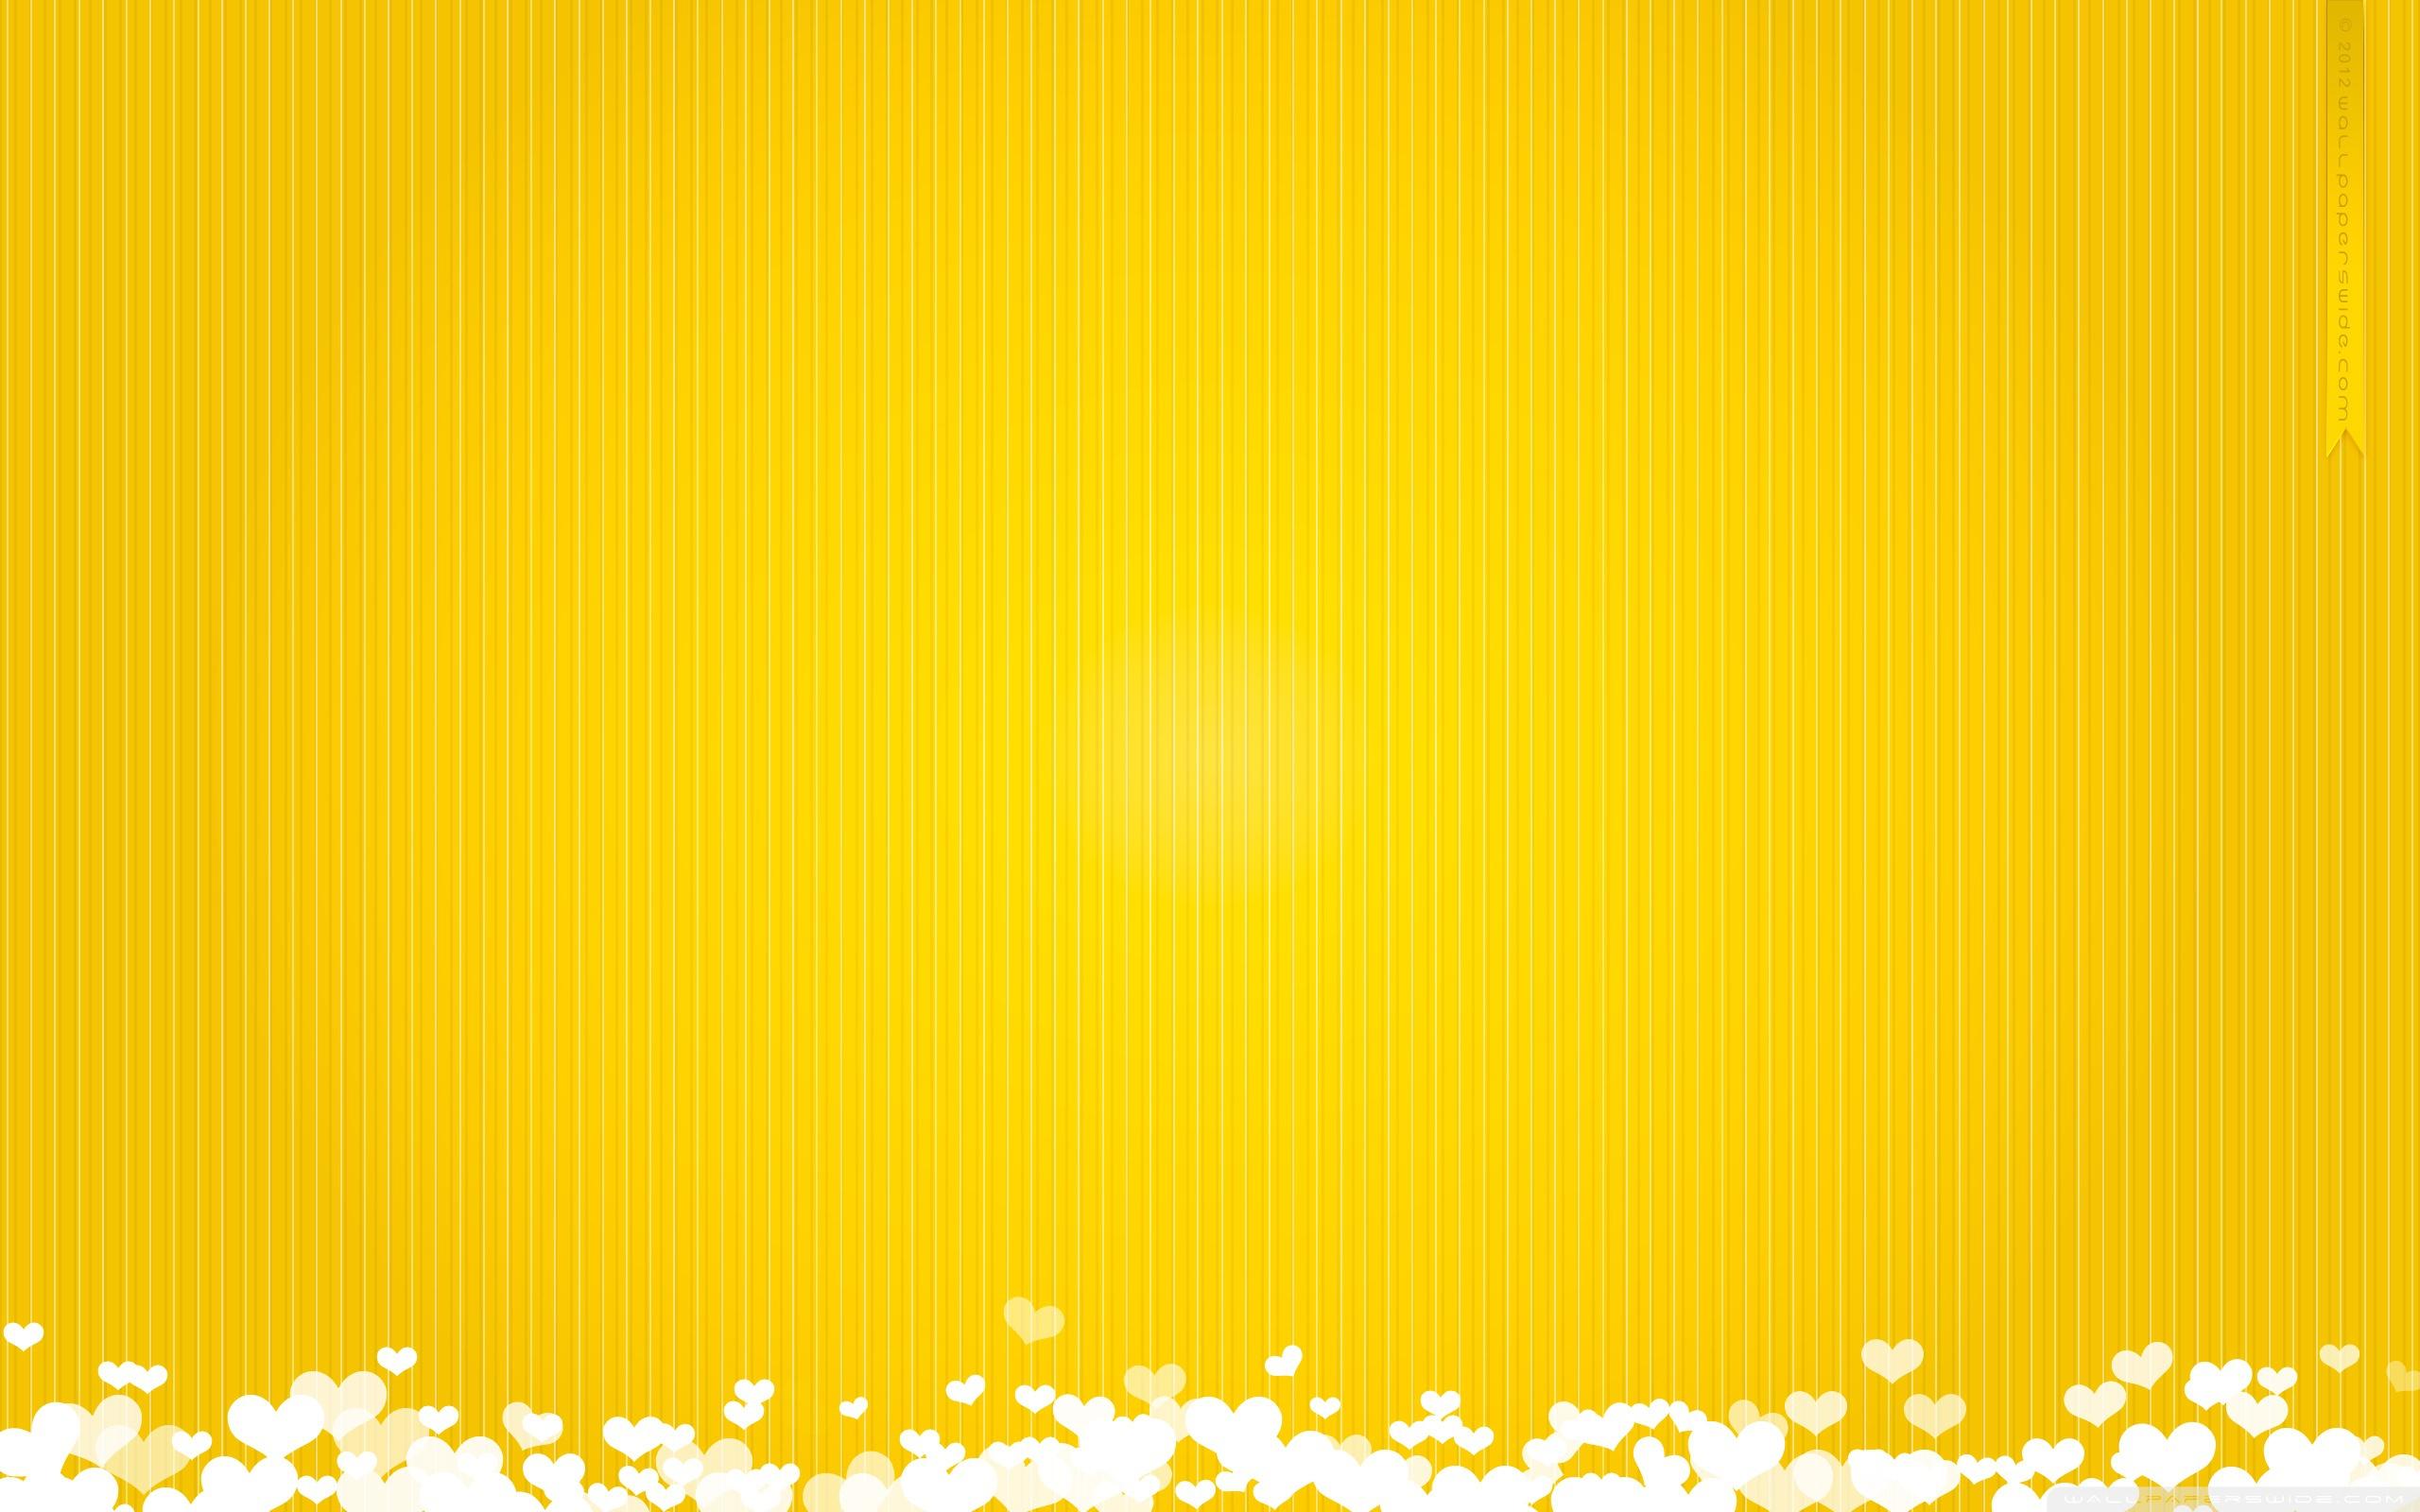 Картинка желтый фон для текста